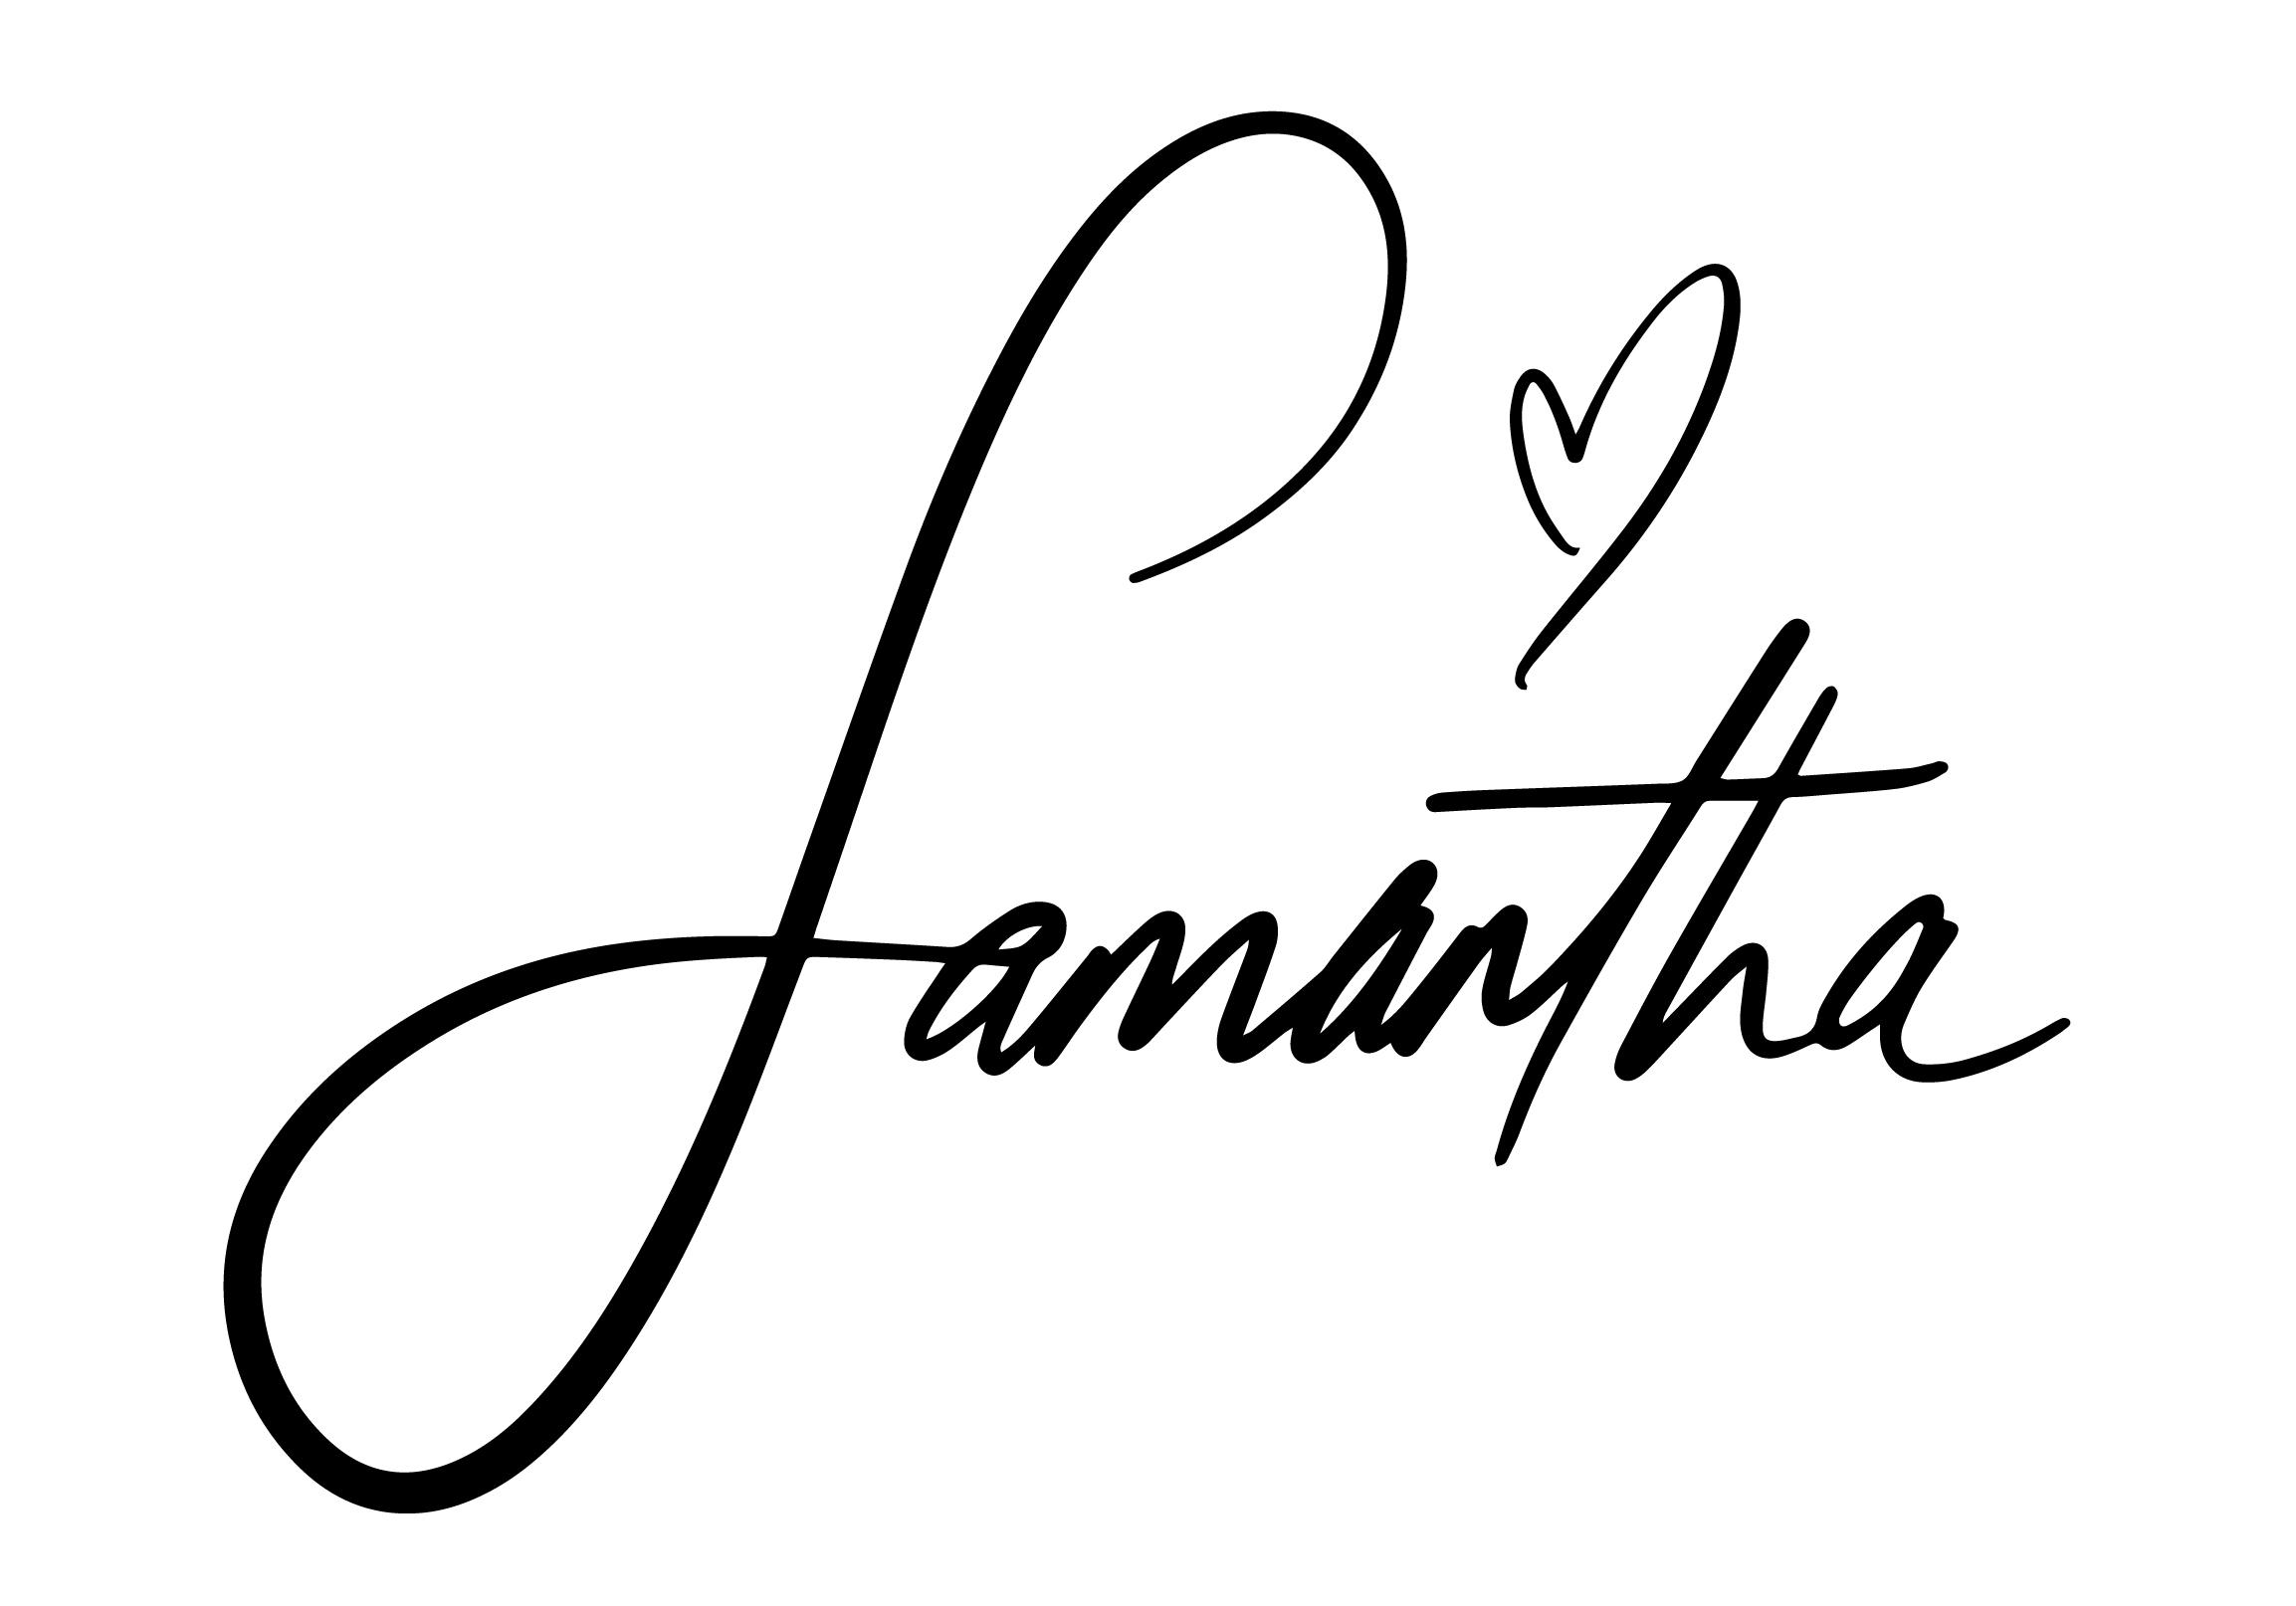 samantha_stevenson_hair_stylist_signature-01.jpg